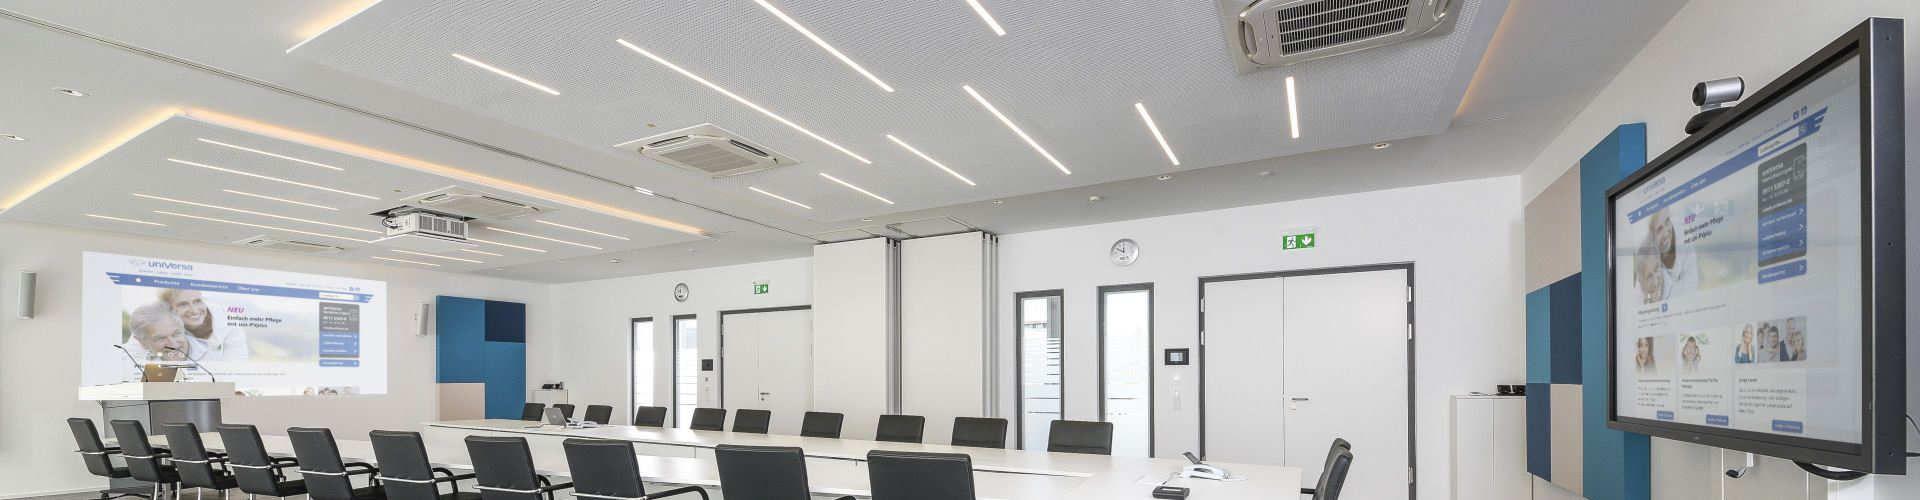 Konferenzraum mit AV-Medientechnik